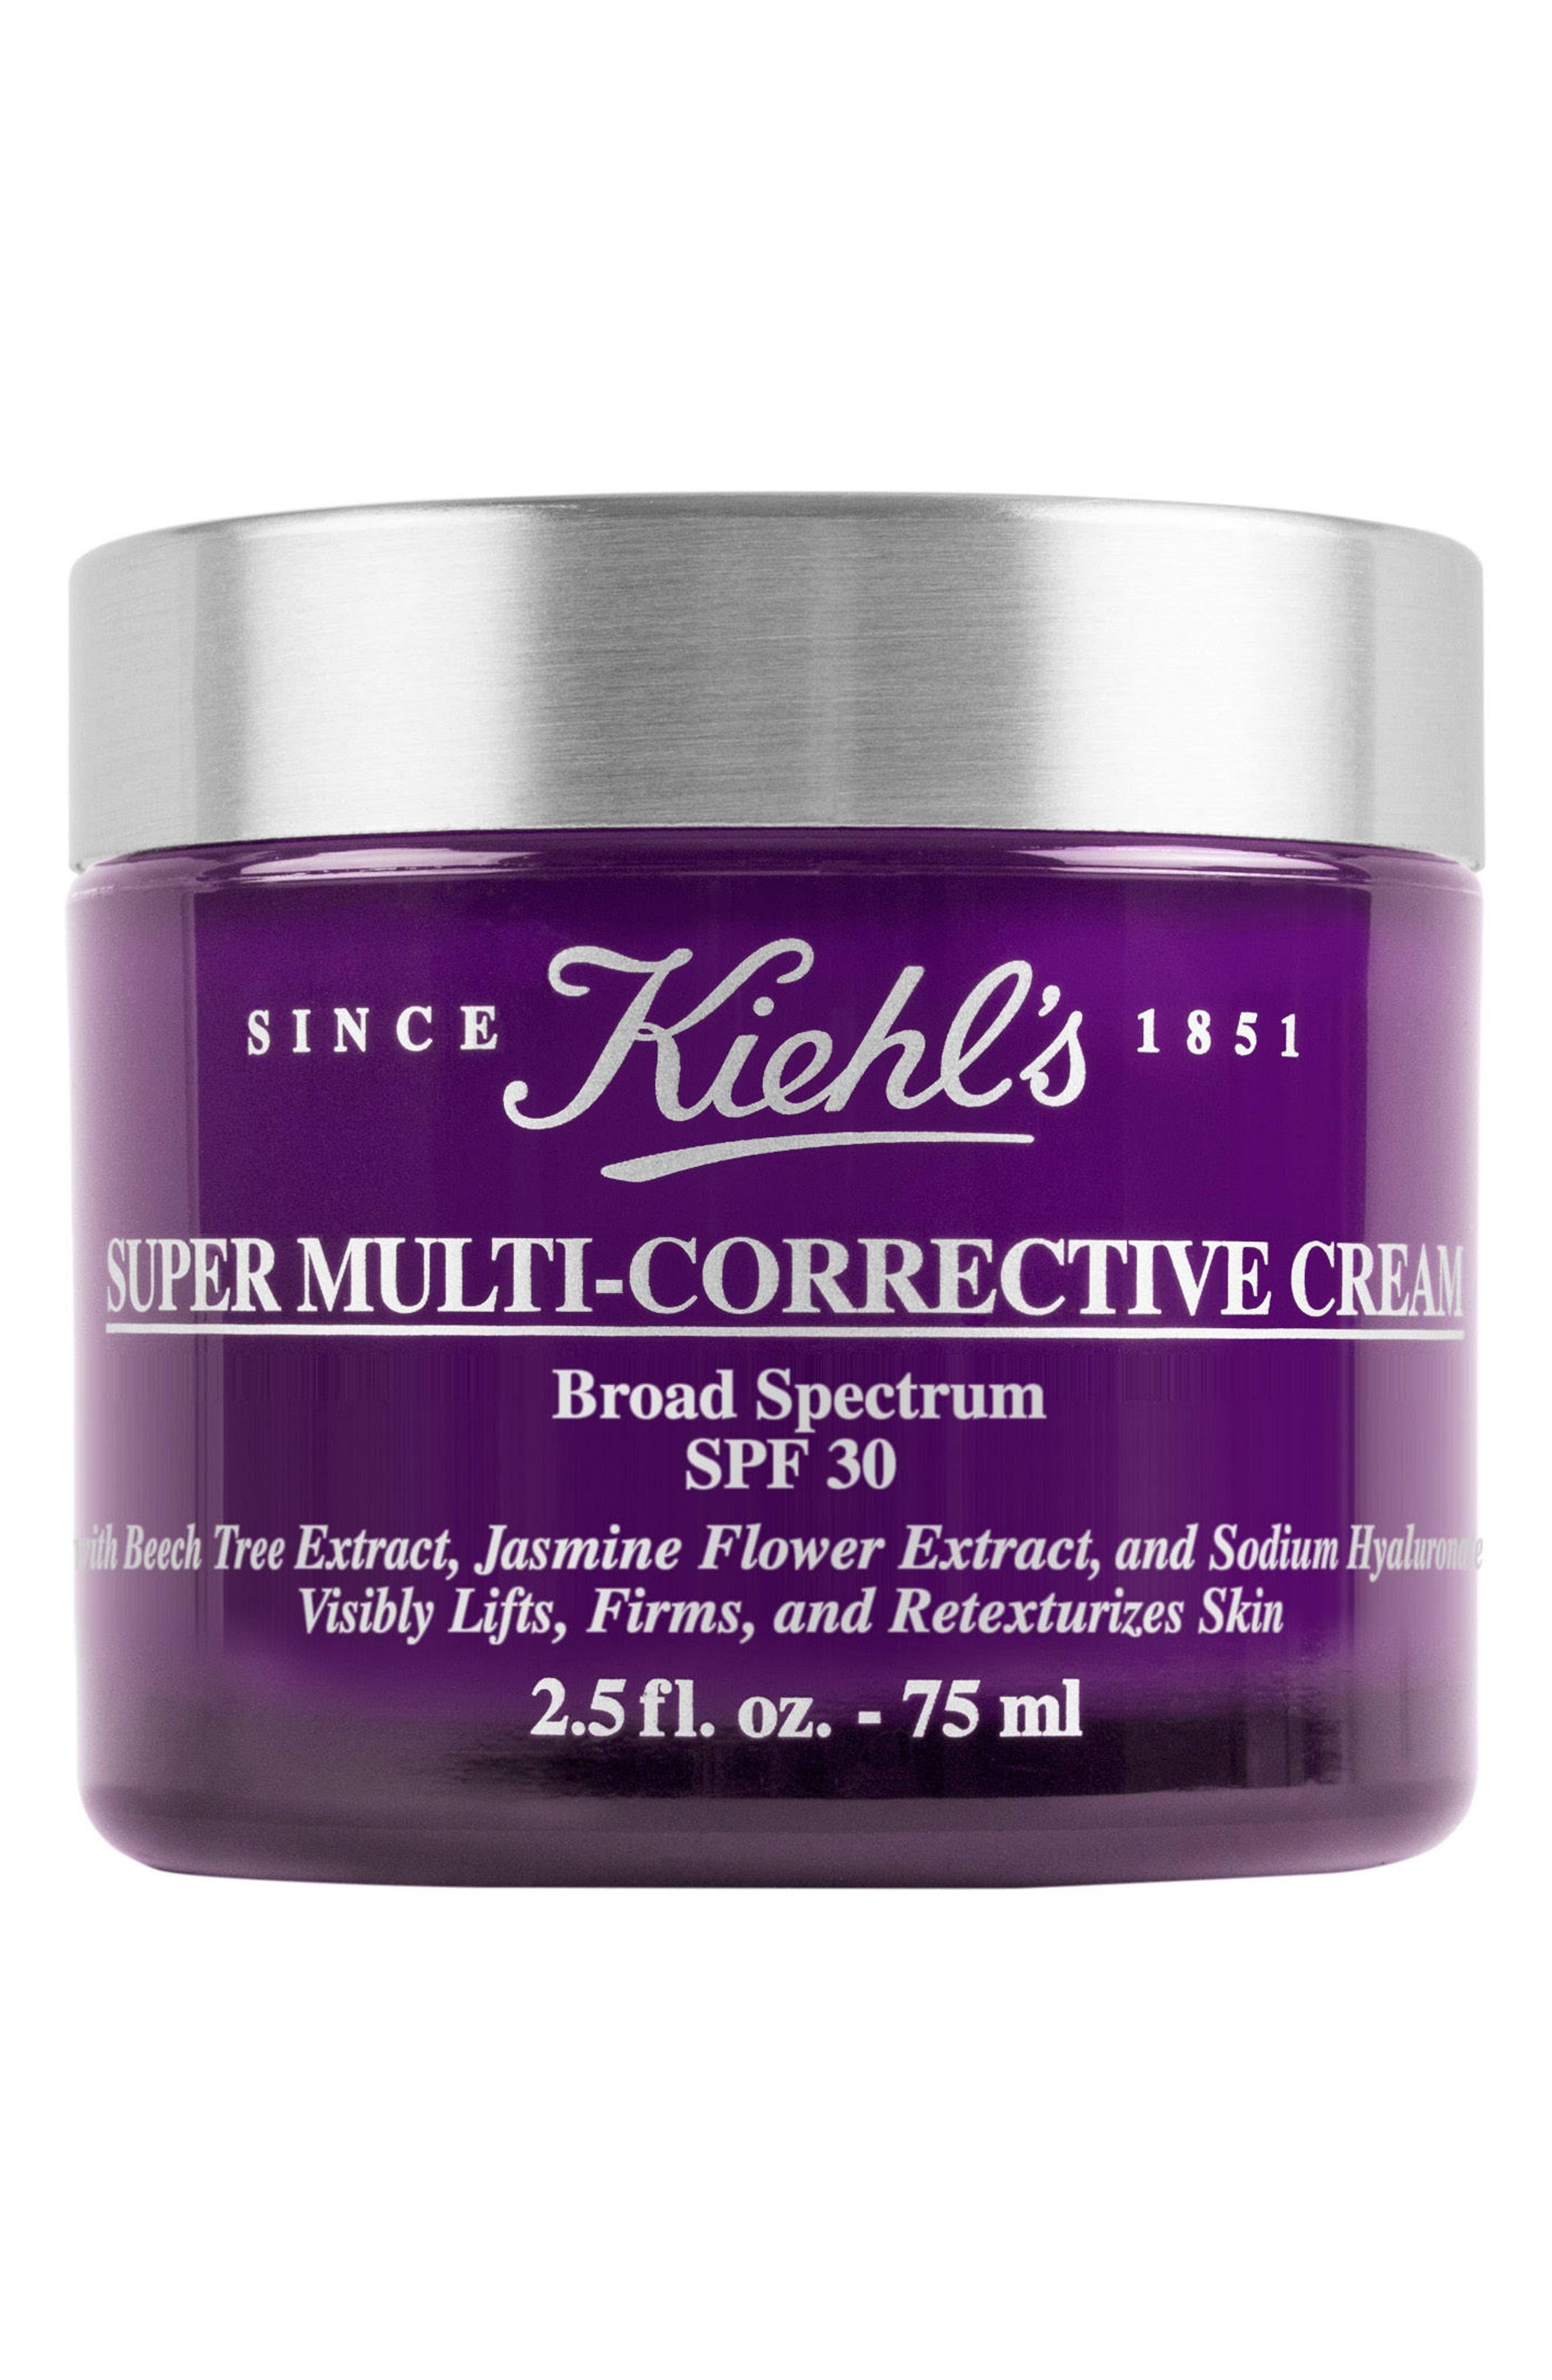 1851 Super Multi-Corrective Cream Spf 30